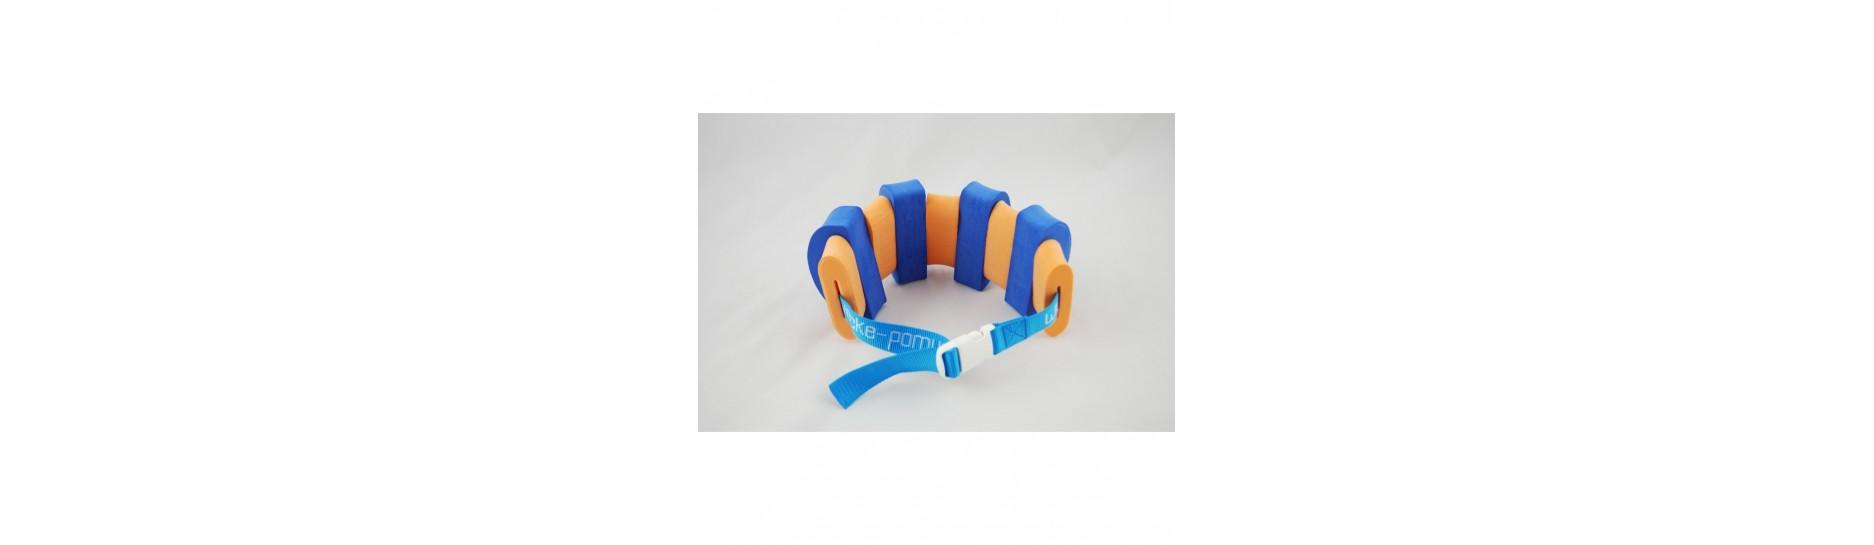 Plavecký pás 9 dílků (do 18kg)